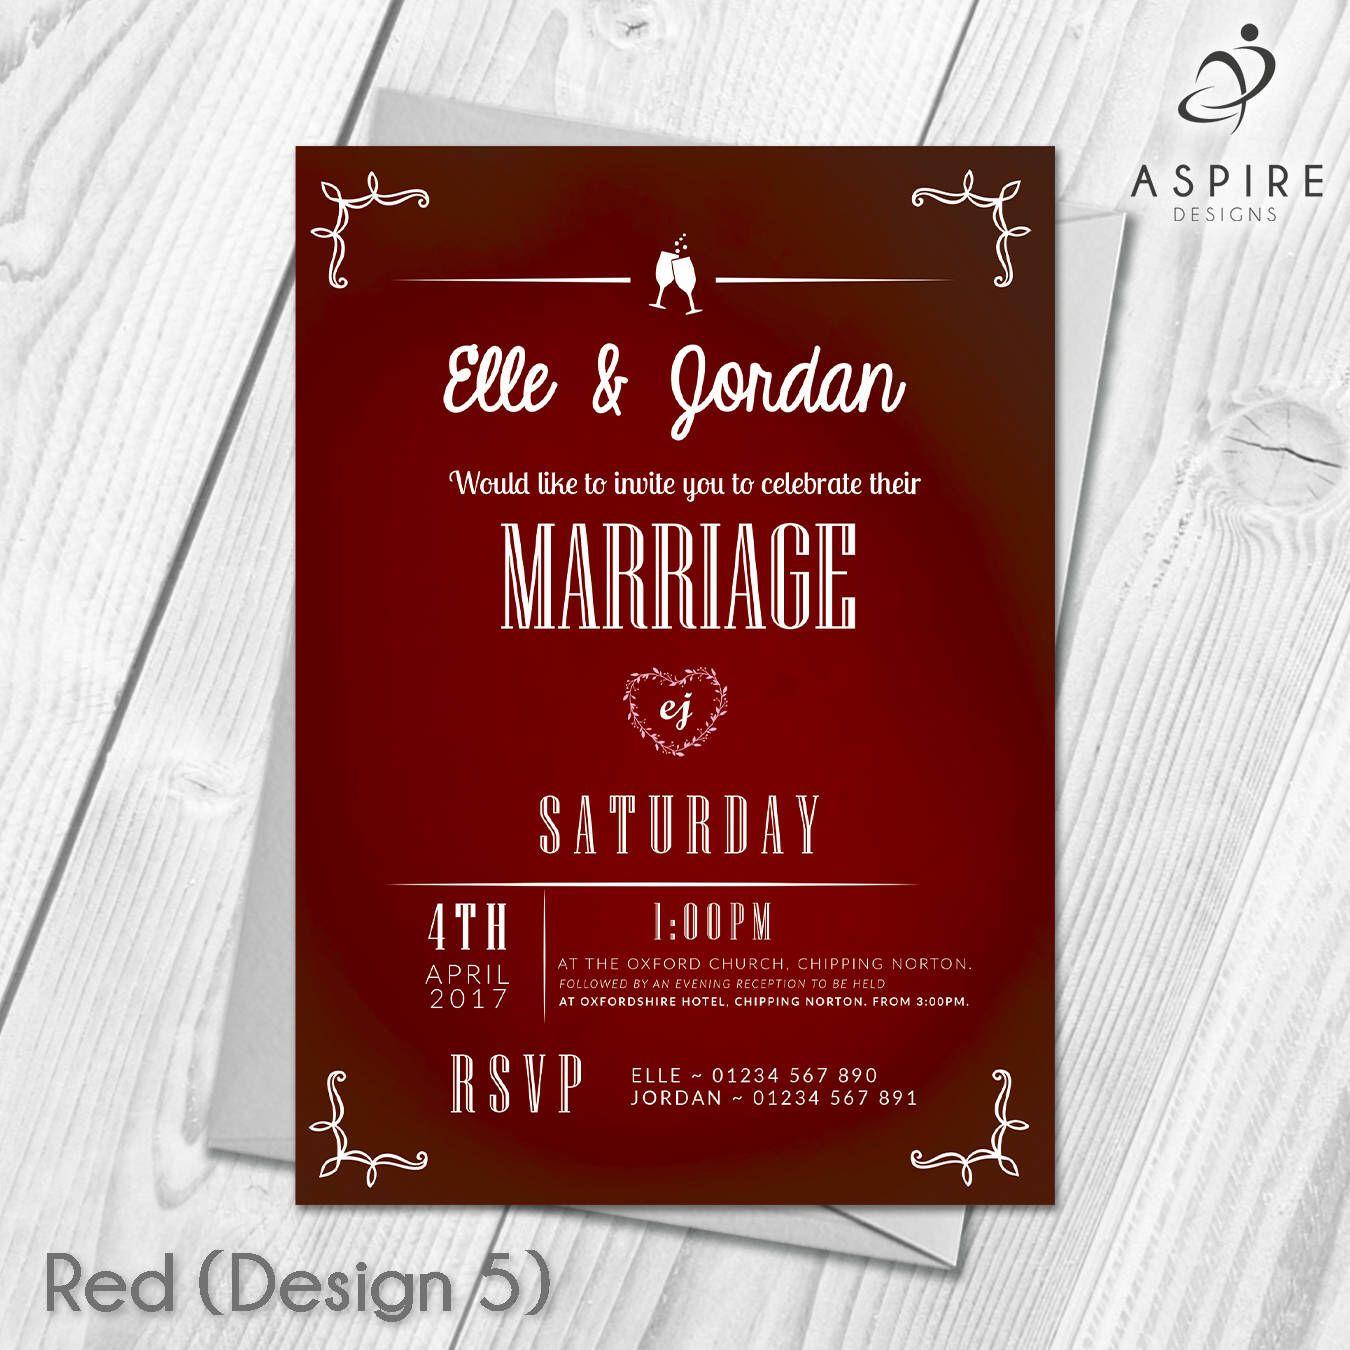 Personalised Wedding Invitations Marriage Invites | Digital ...